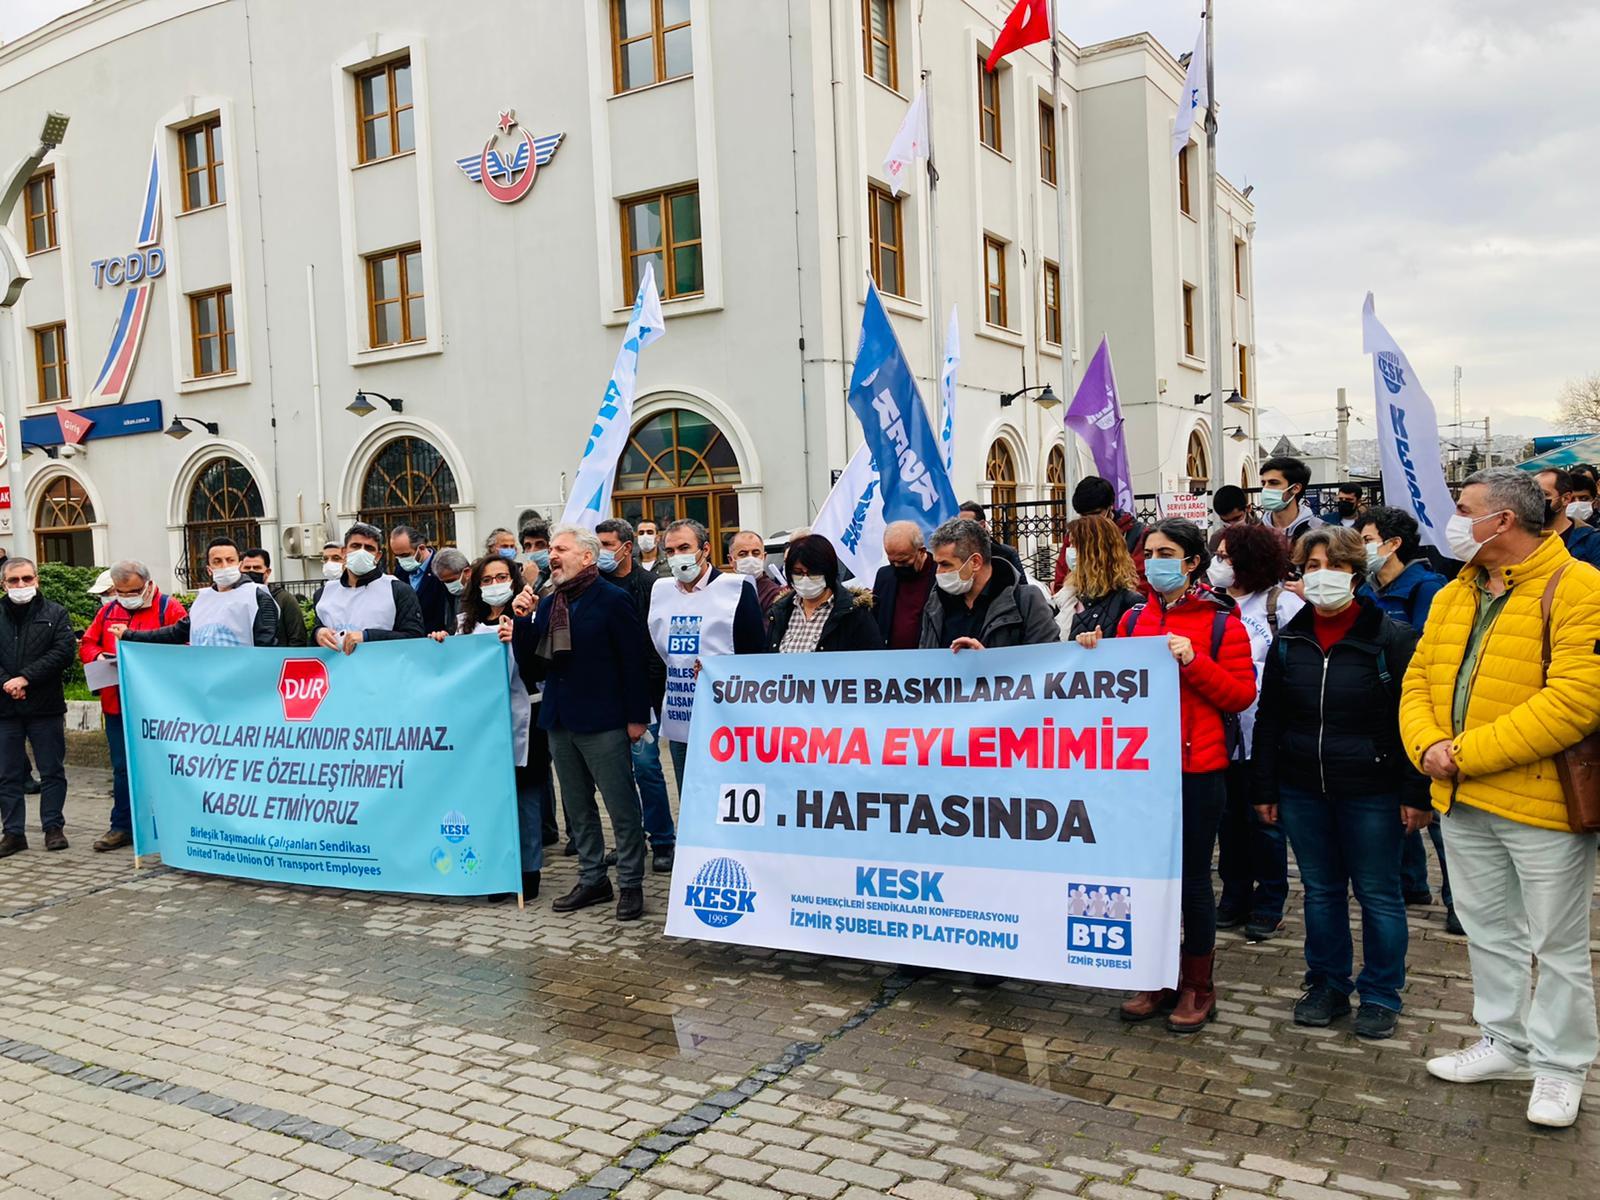 KESK İzmir Şubeler Platformu Sürgünleri ve Sefalet Ücretini Protesto Etti